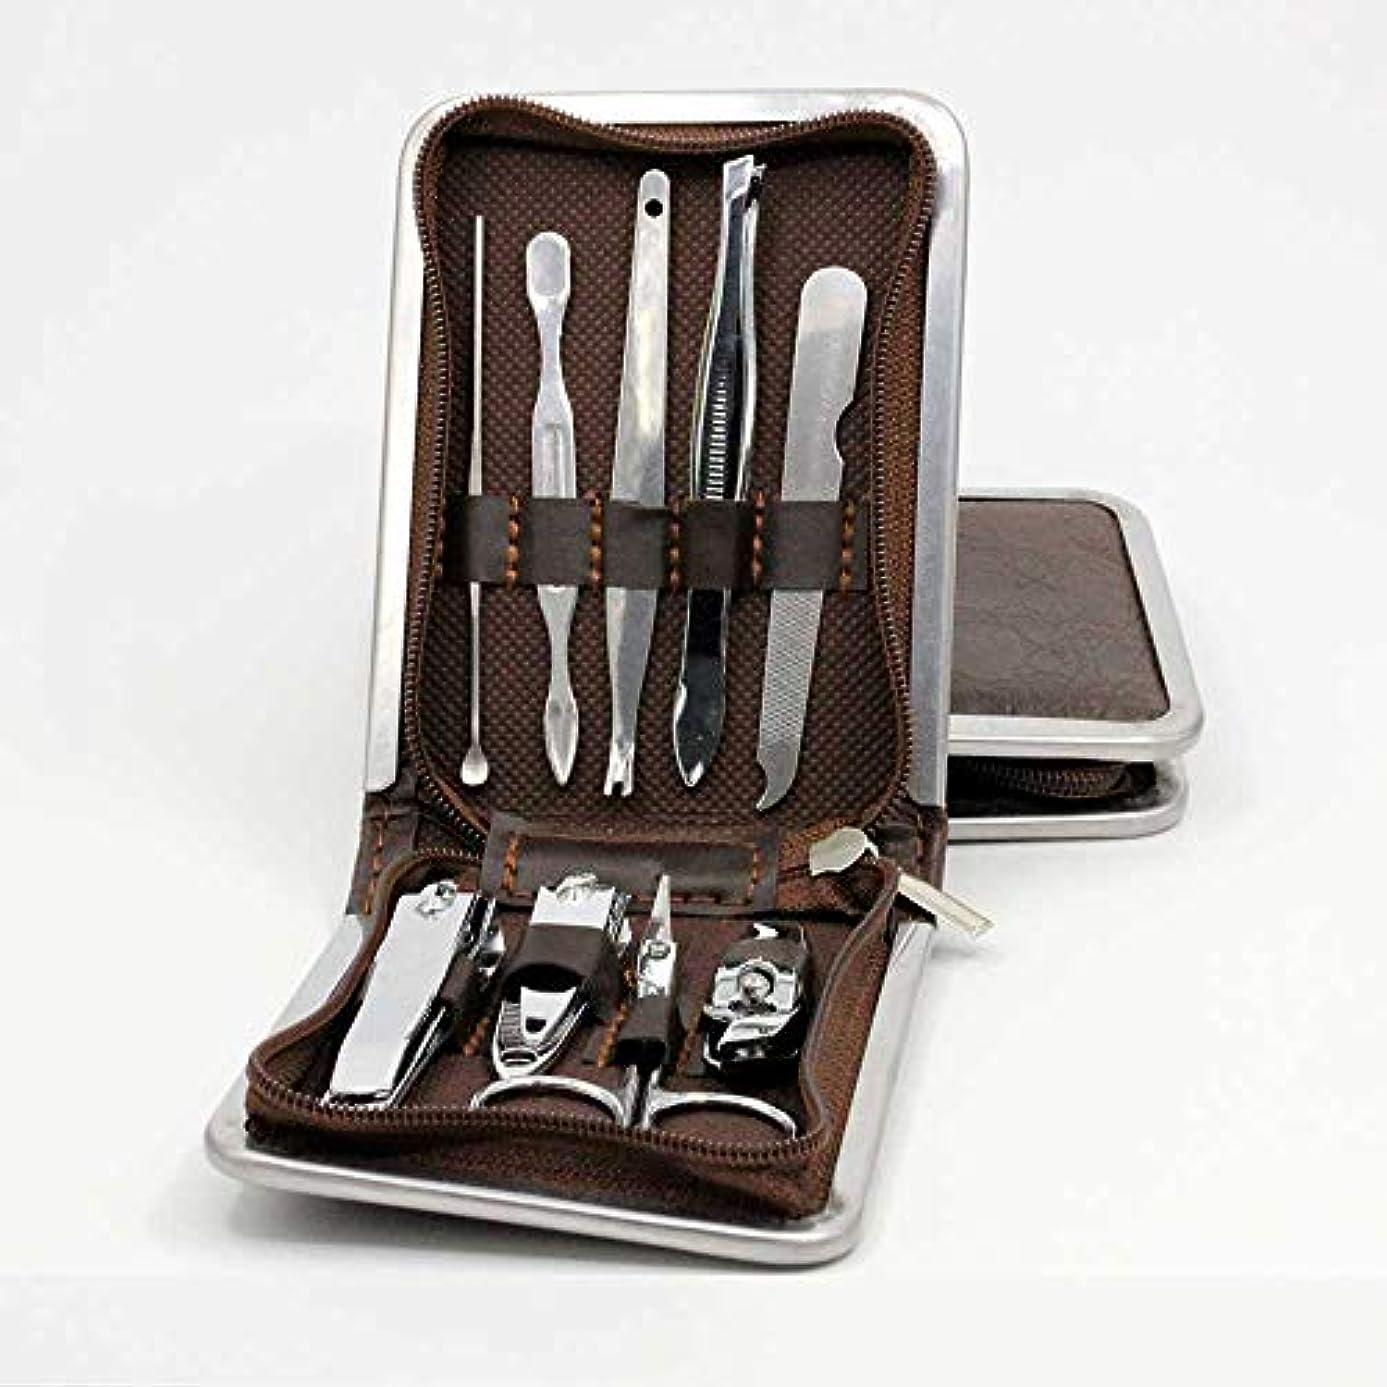 マトン古い三角形ネイルケア 9点セット 爪切り 爪磨き 毛抜き ハサミ 耳かき ステンレス製 携帯便利 収納ケース付き